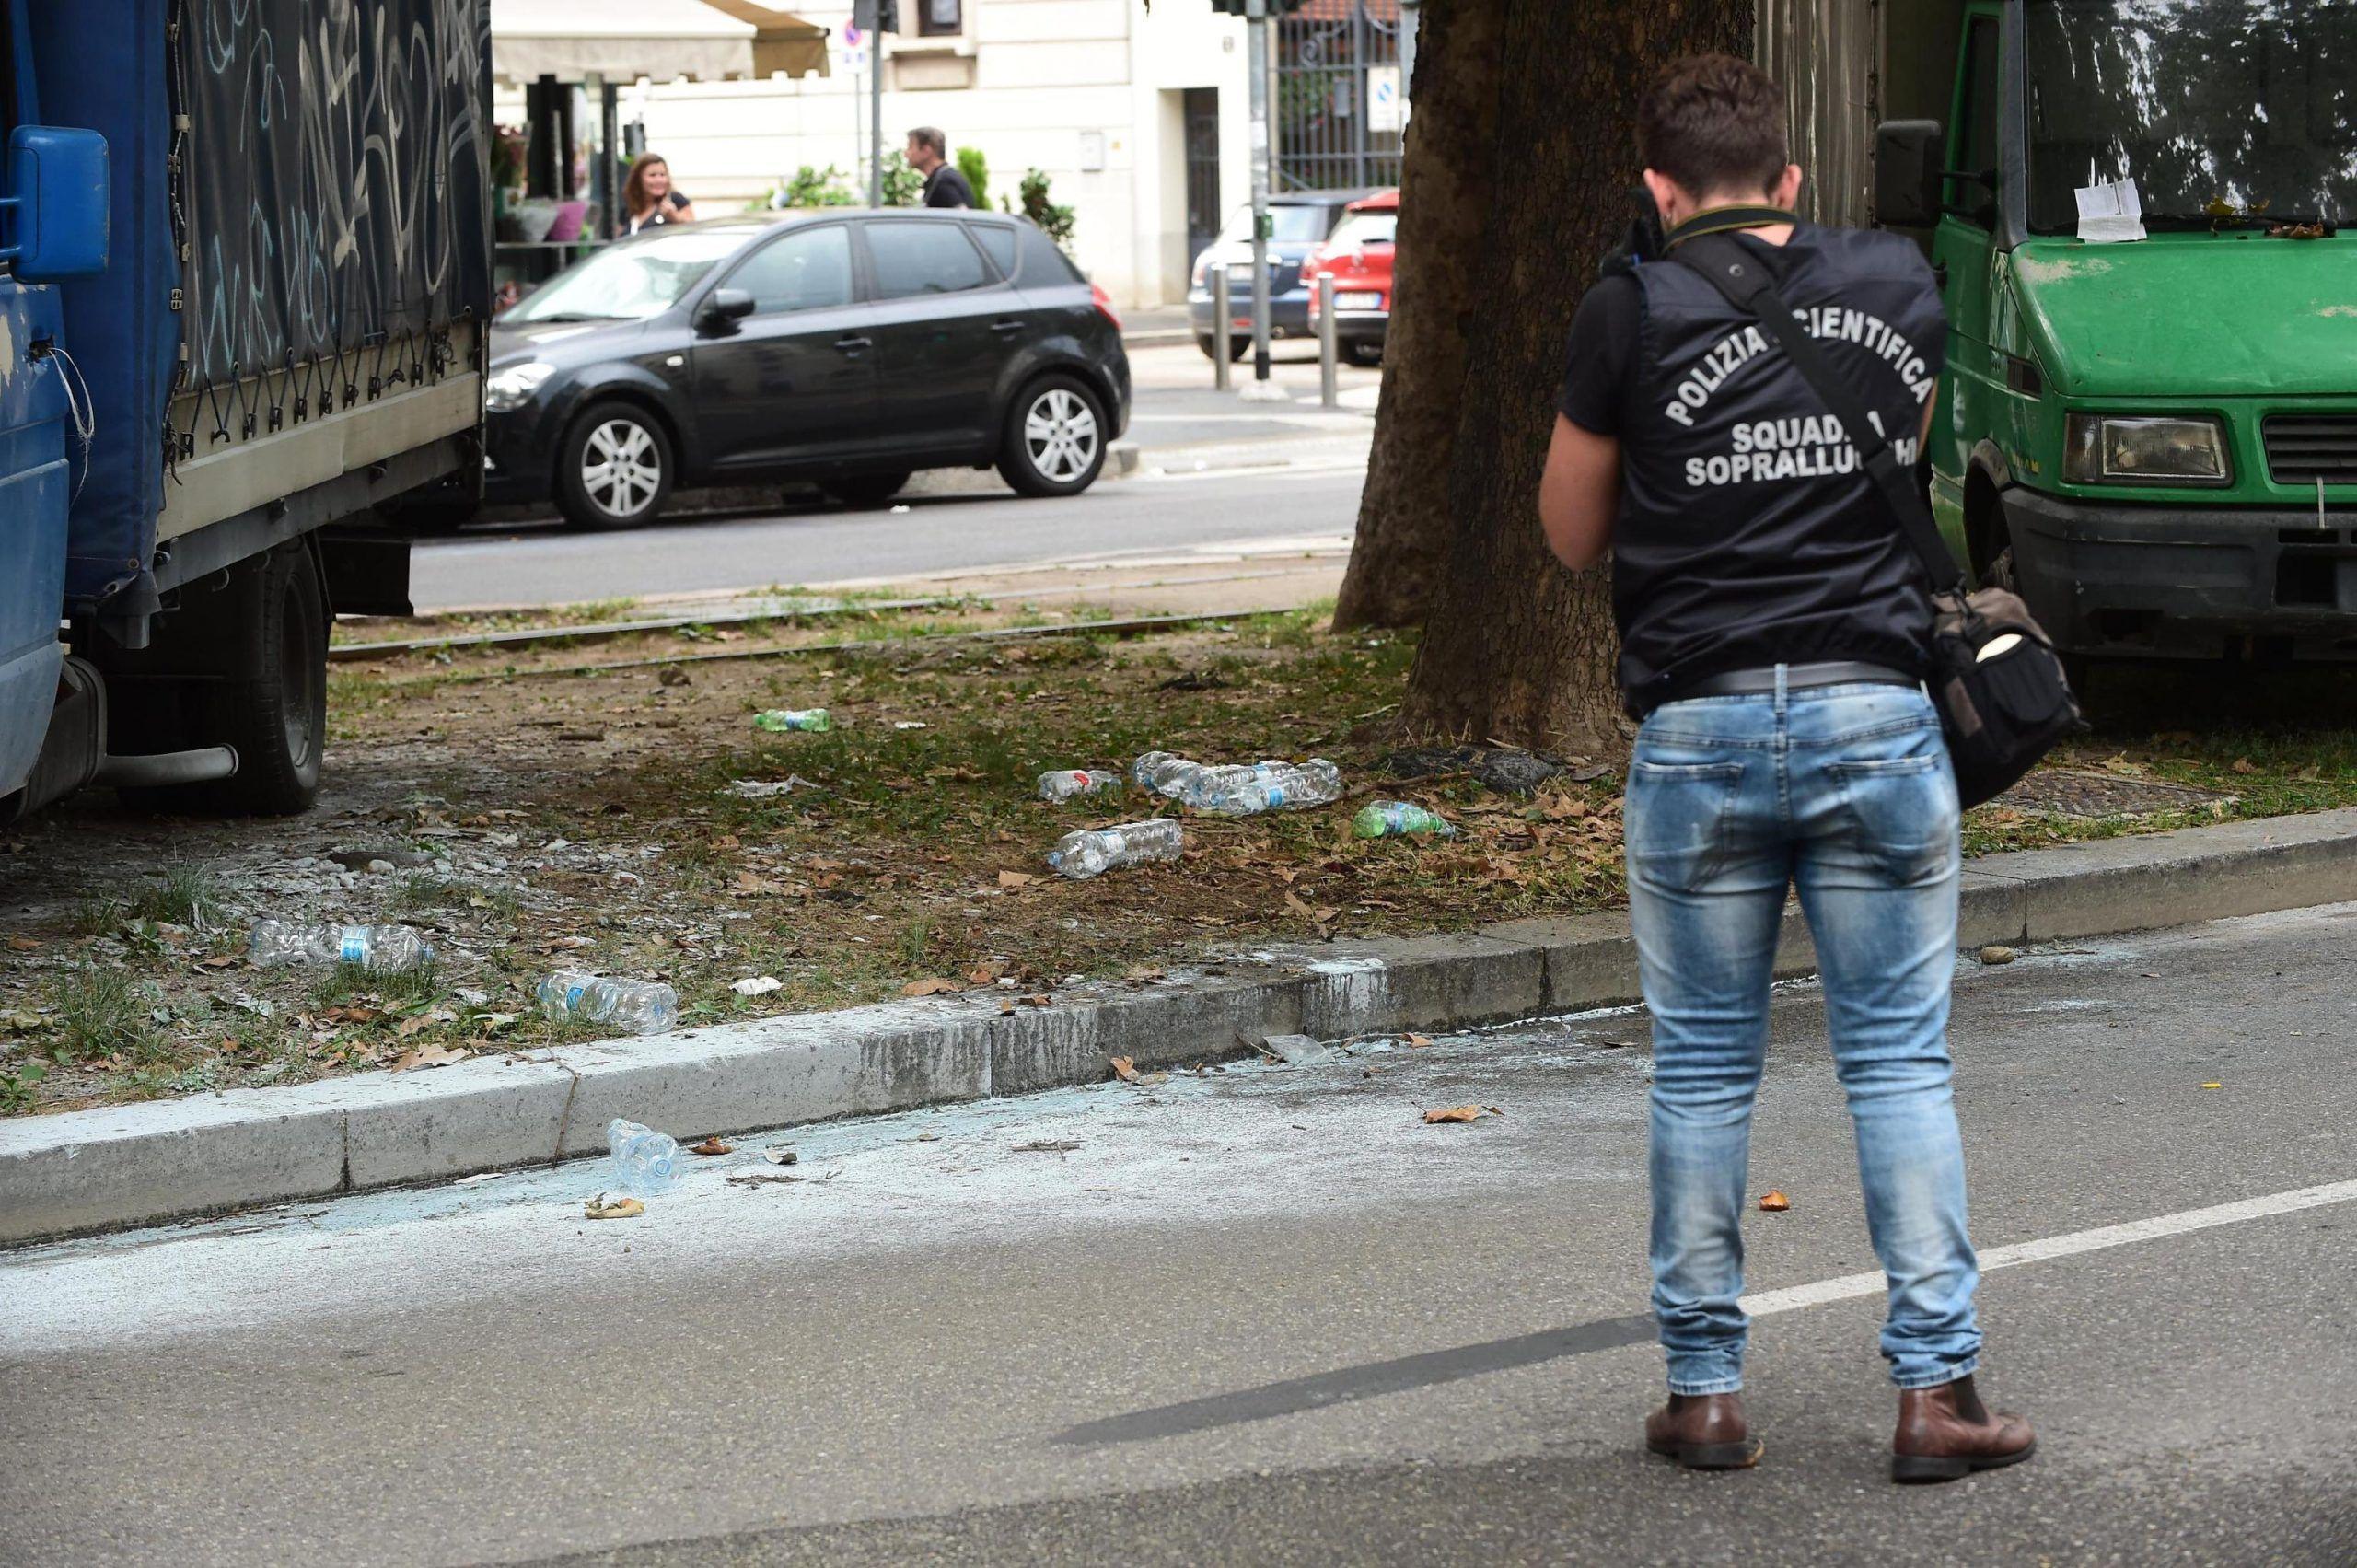 Si da fuoco a Milano, uomo in gravi condizioni